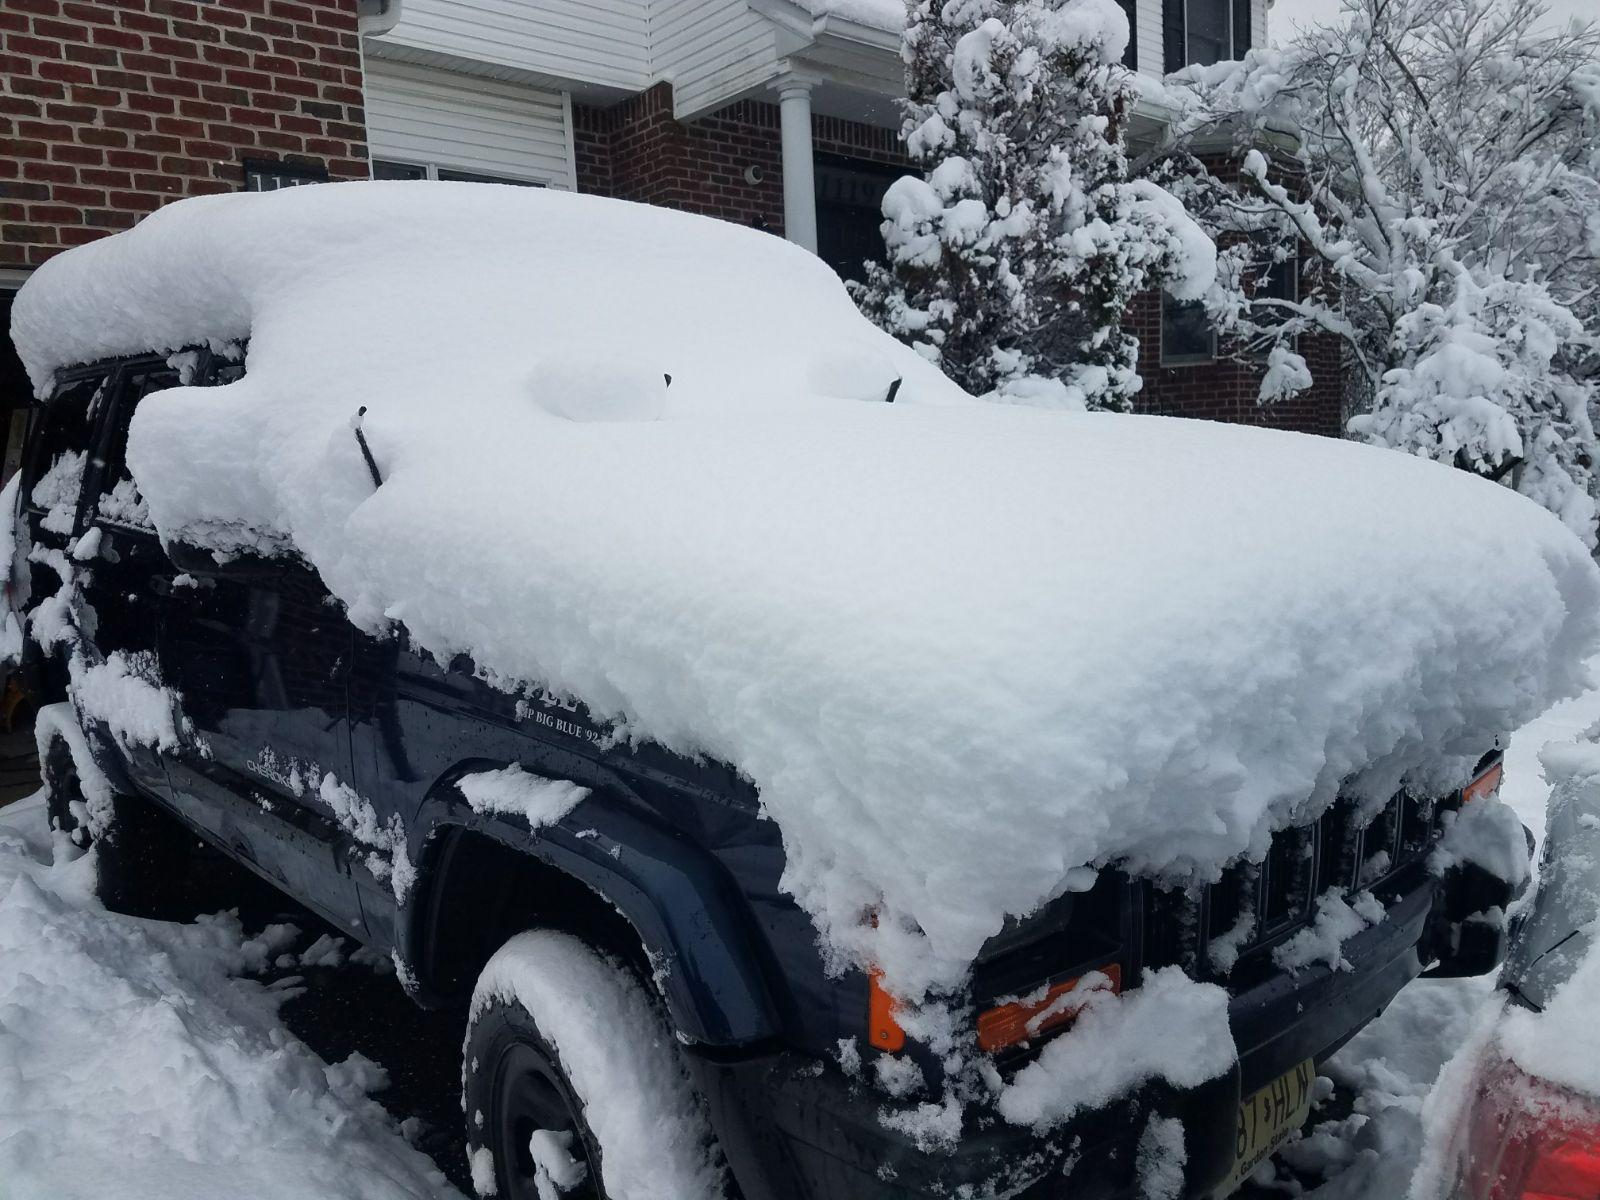 תיעוד מקפיא: יממה של שלג כבד בלייקווד